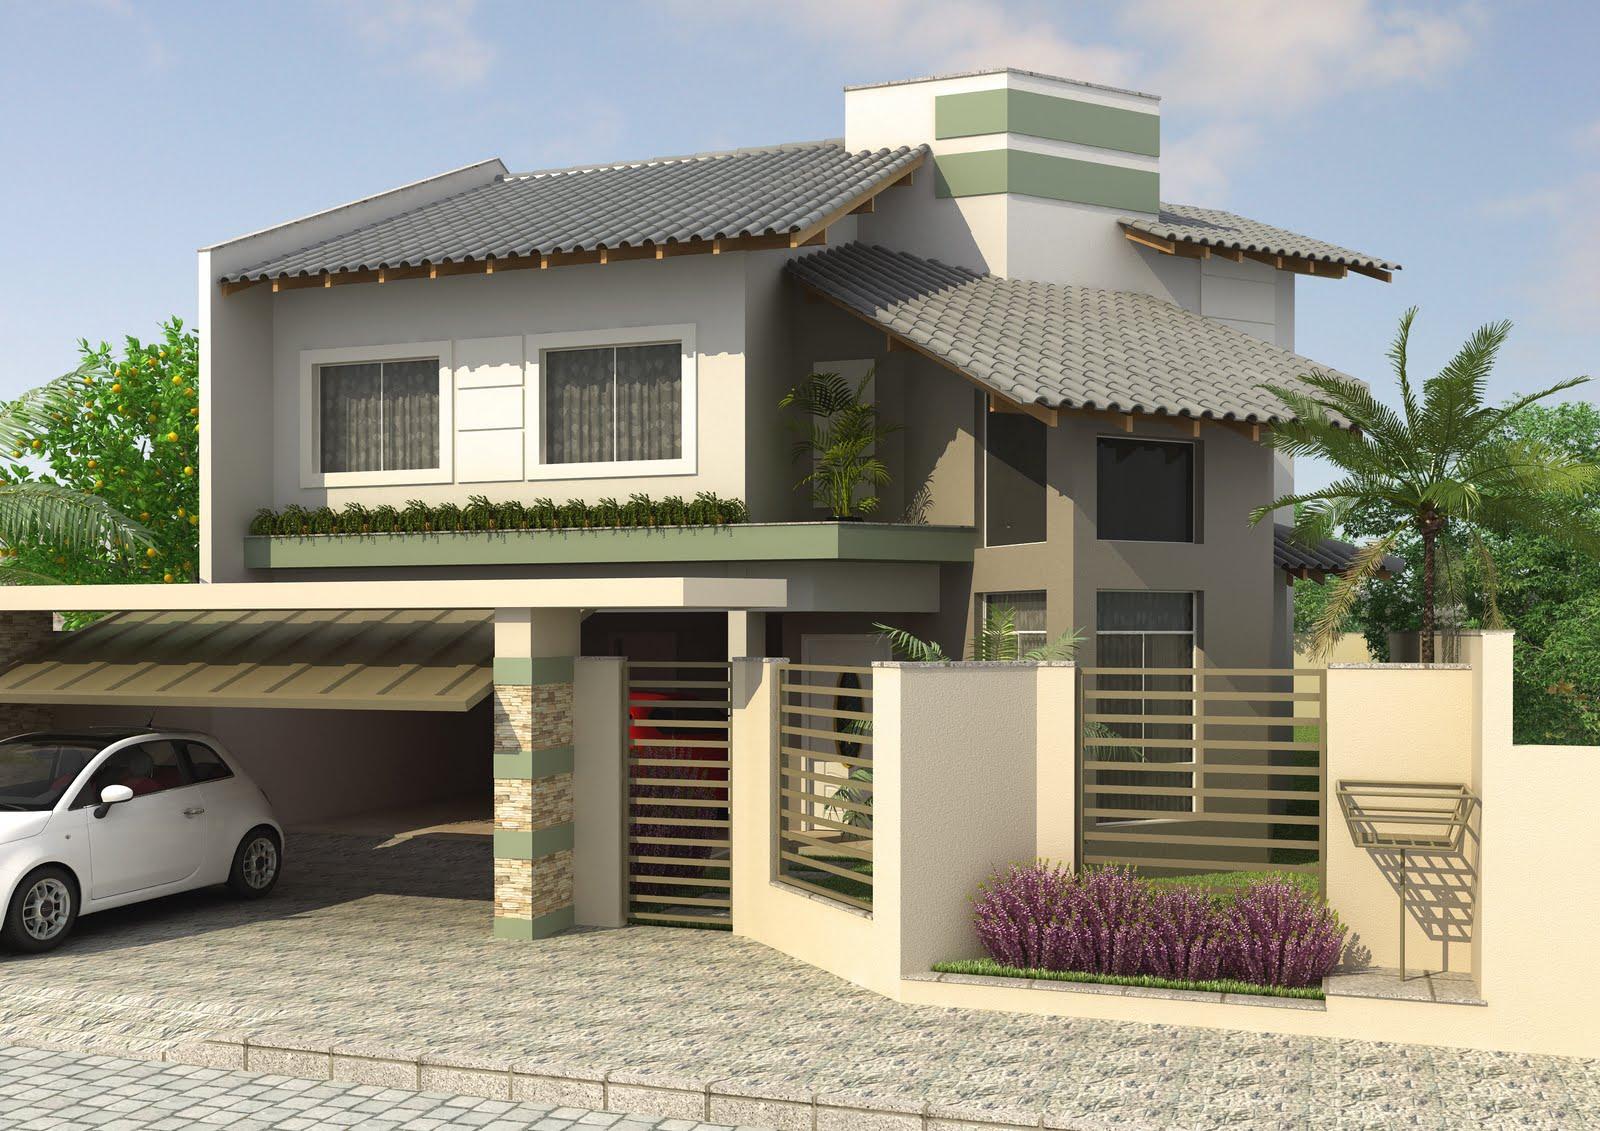 Pin modelos fachadas de casas bonitas e modernas 1 150x150 for Modelos de casas modernas